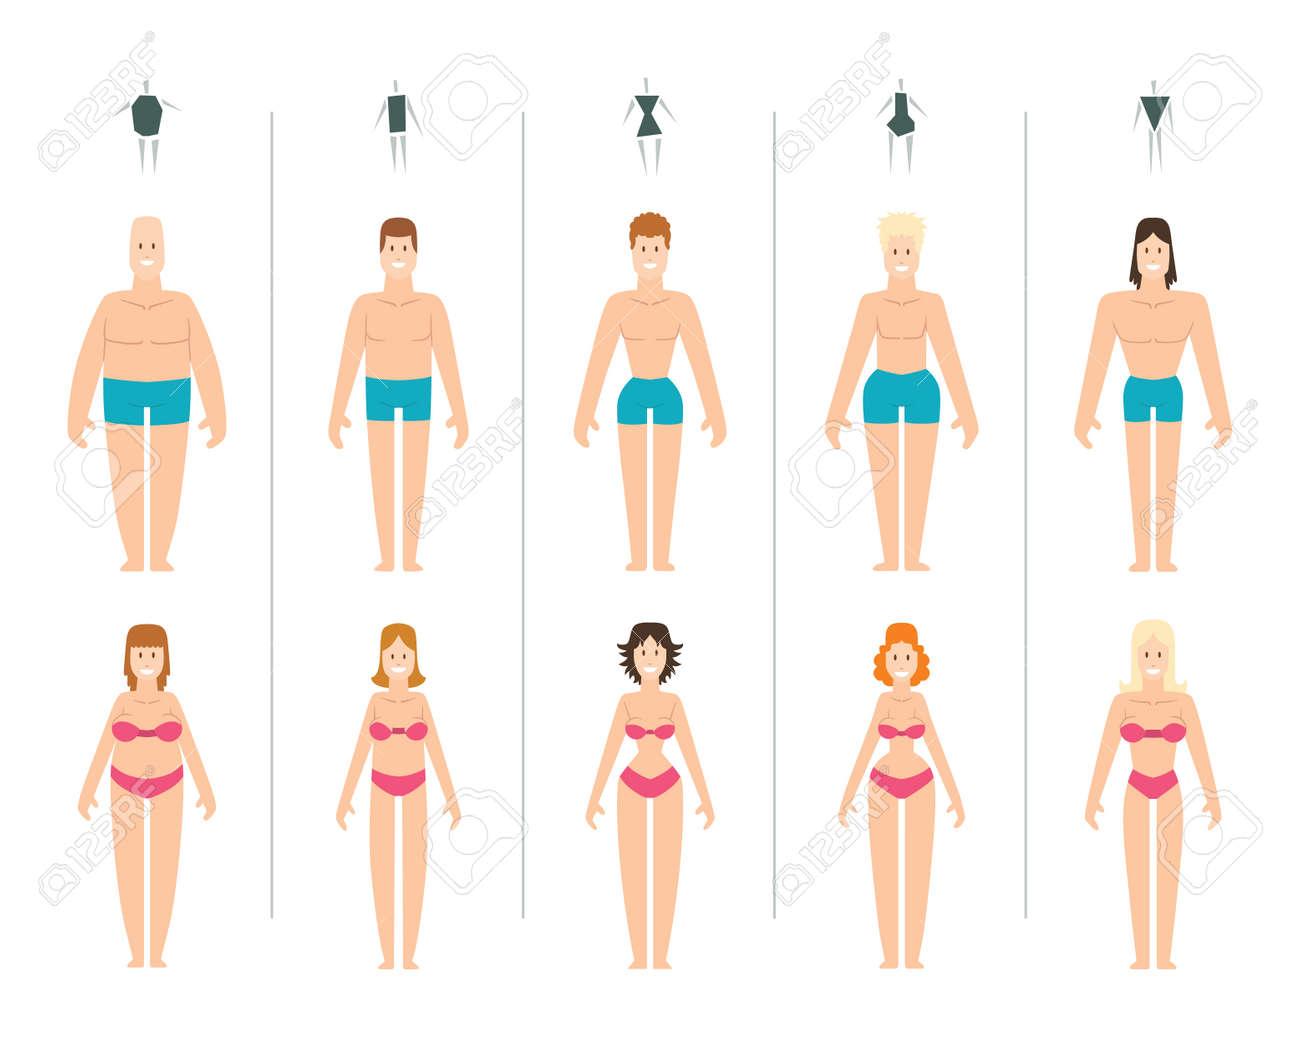 女性の体の種類はベクトル イラストです。体タイプ スリム解剖学憲法砂時計女性プロポーション セット。スタイルの四角形腰体型シェイプ  シルエットが女性の図します。ファッションの女の子の美体。